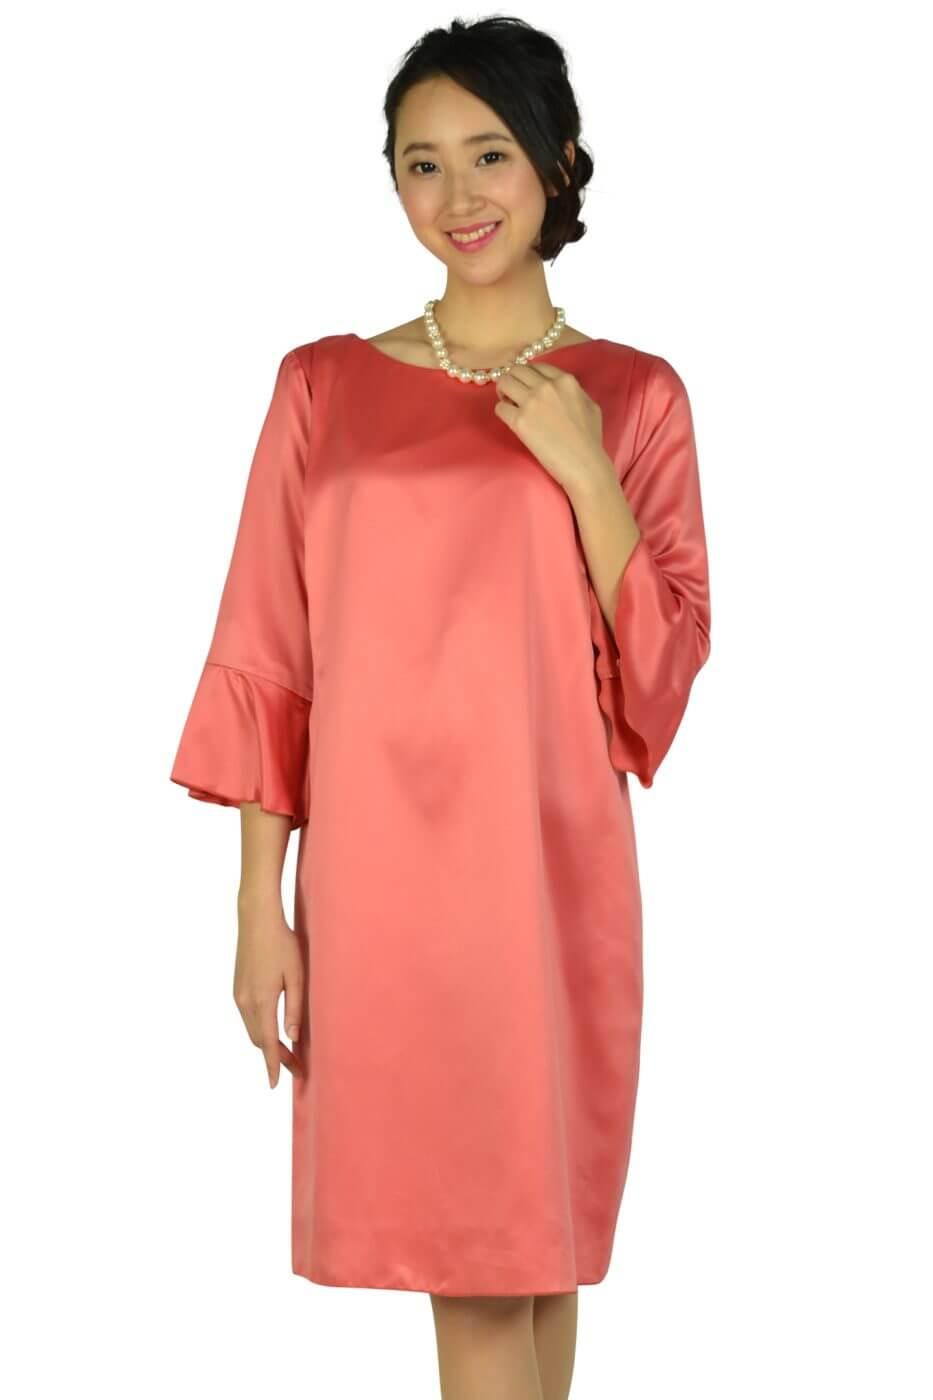 アンタイトル (UNTITLED)フレアスリーブ光沢サーモンピンクドレス